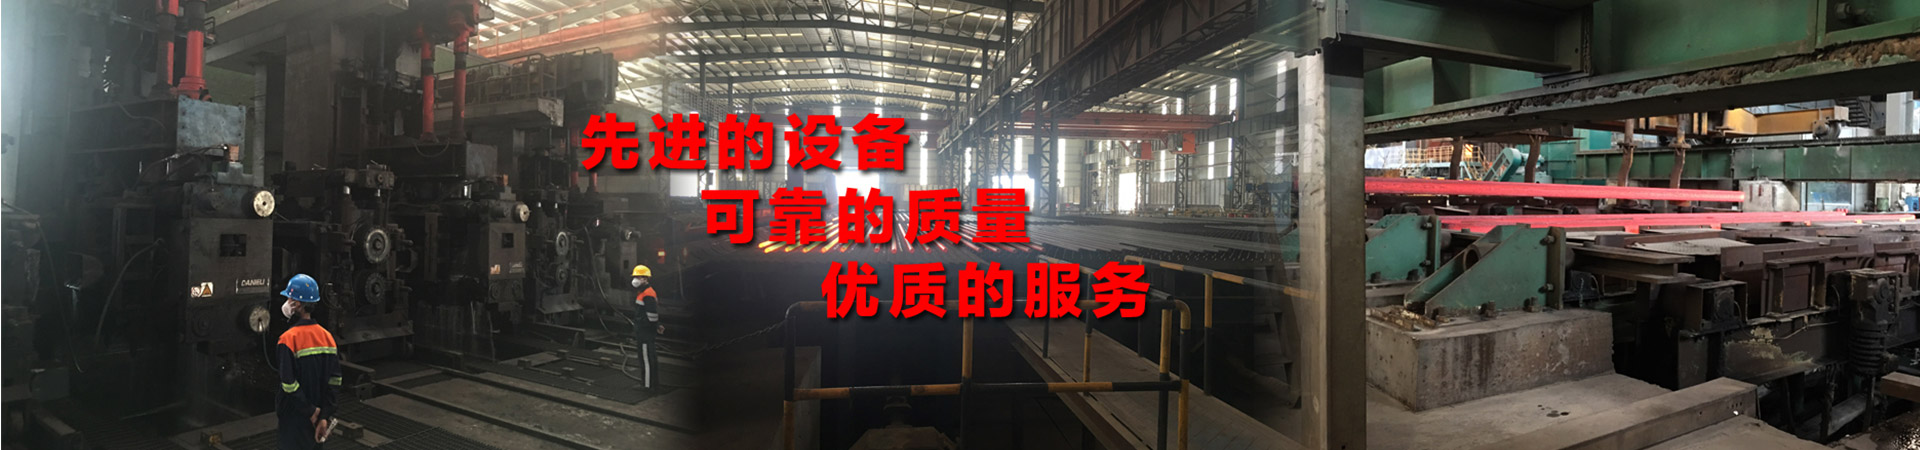 430不锈铁厂家